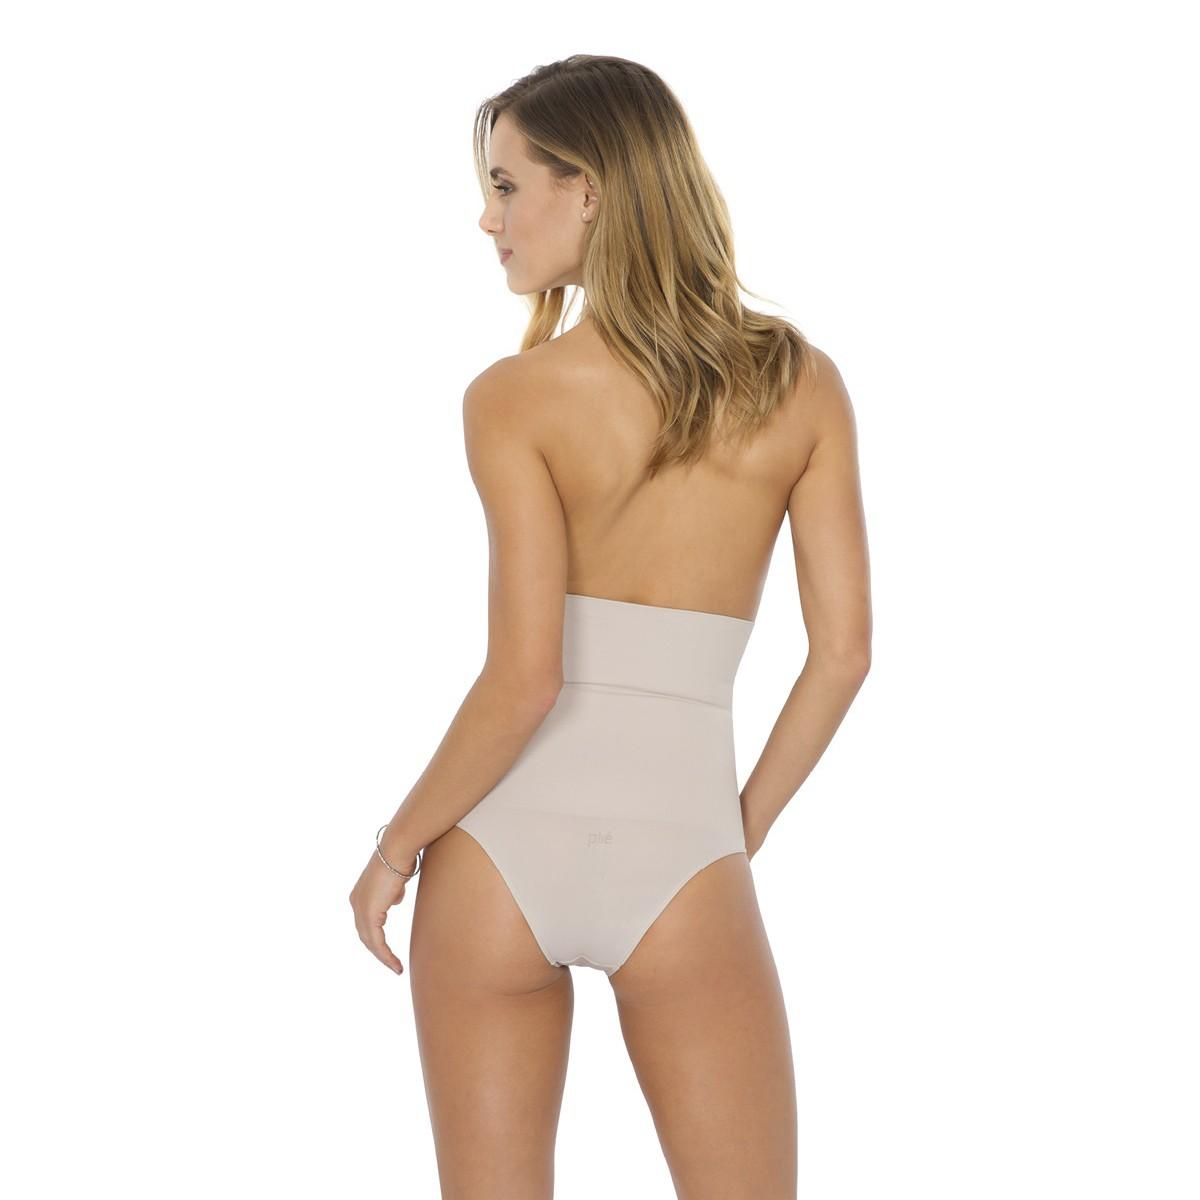 Calcinha cavada cintura alta com compressão Plie